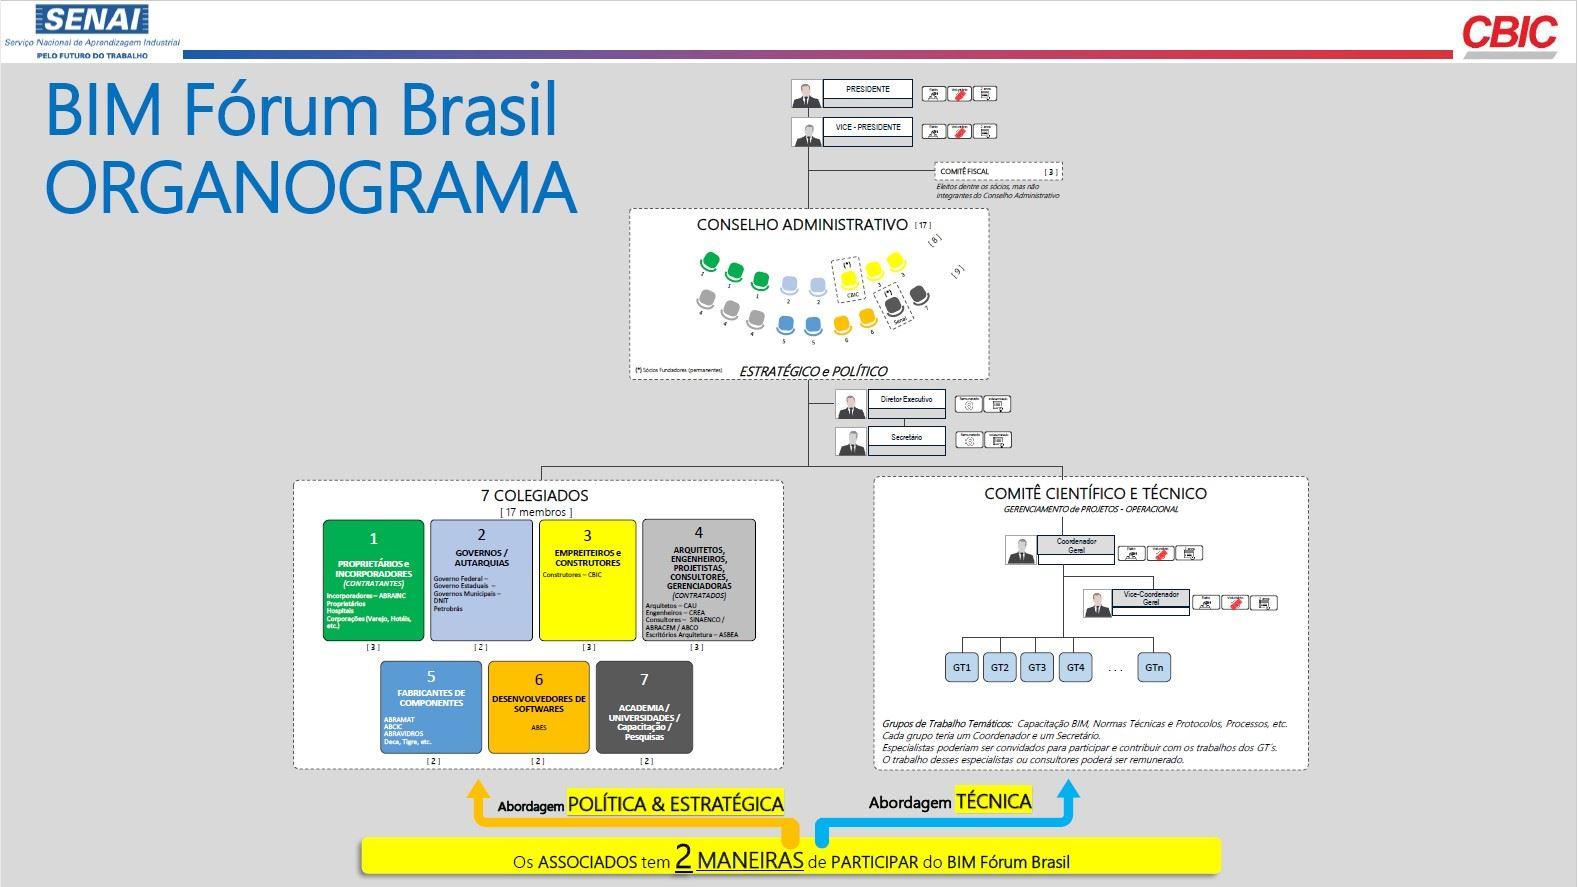 O grafico mostra o organograma do BIM Forum Brasil e as formas dos associados participar dele